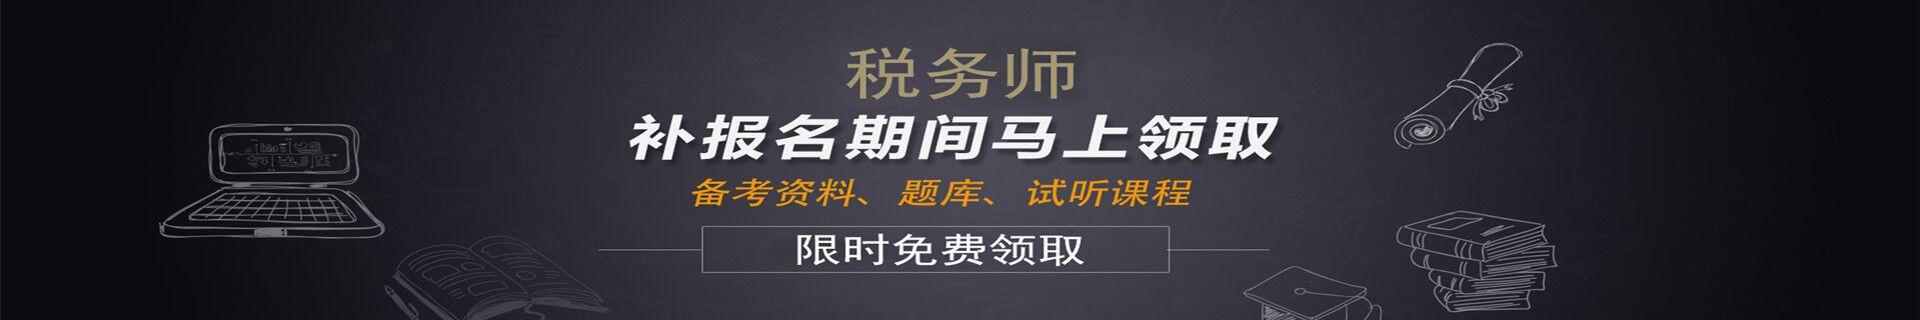 重庆高顿财经南坪校区